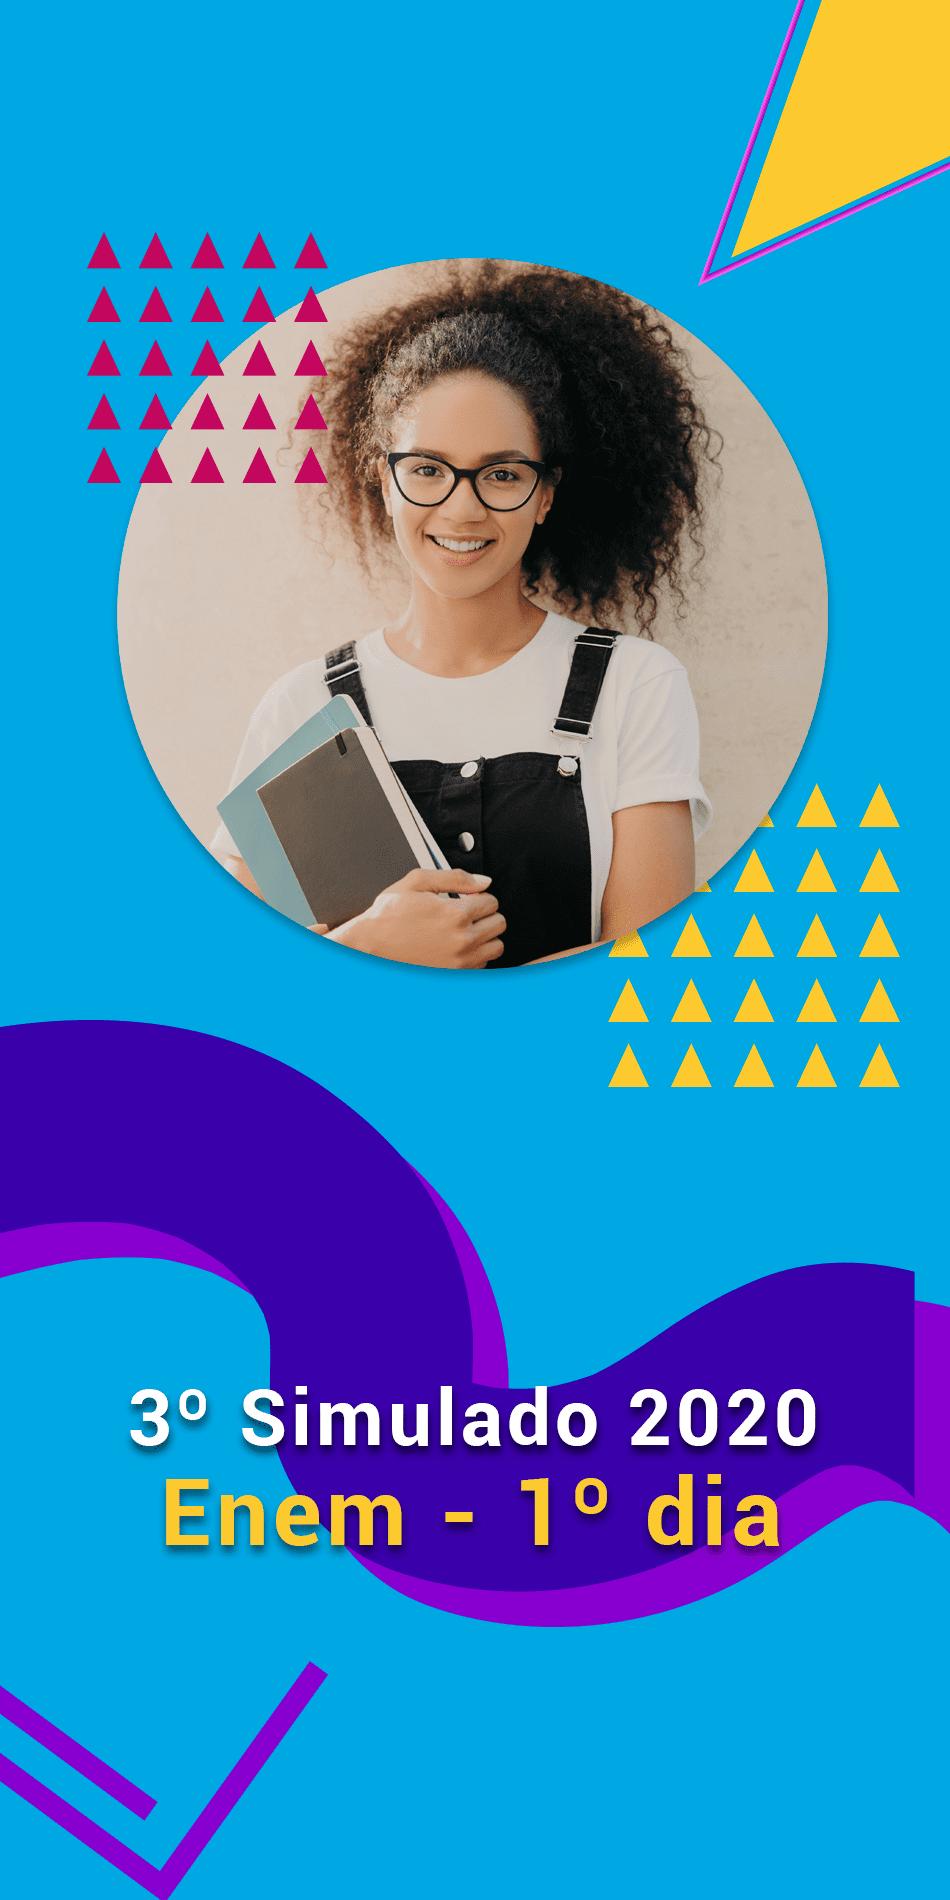 TERCEIRO SIMULADO 2020 - 1º DIA